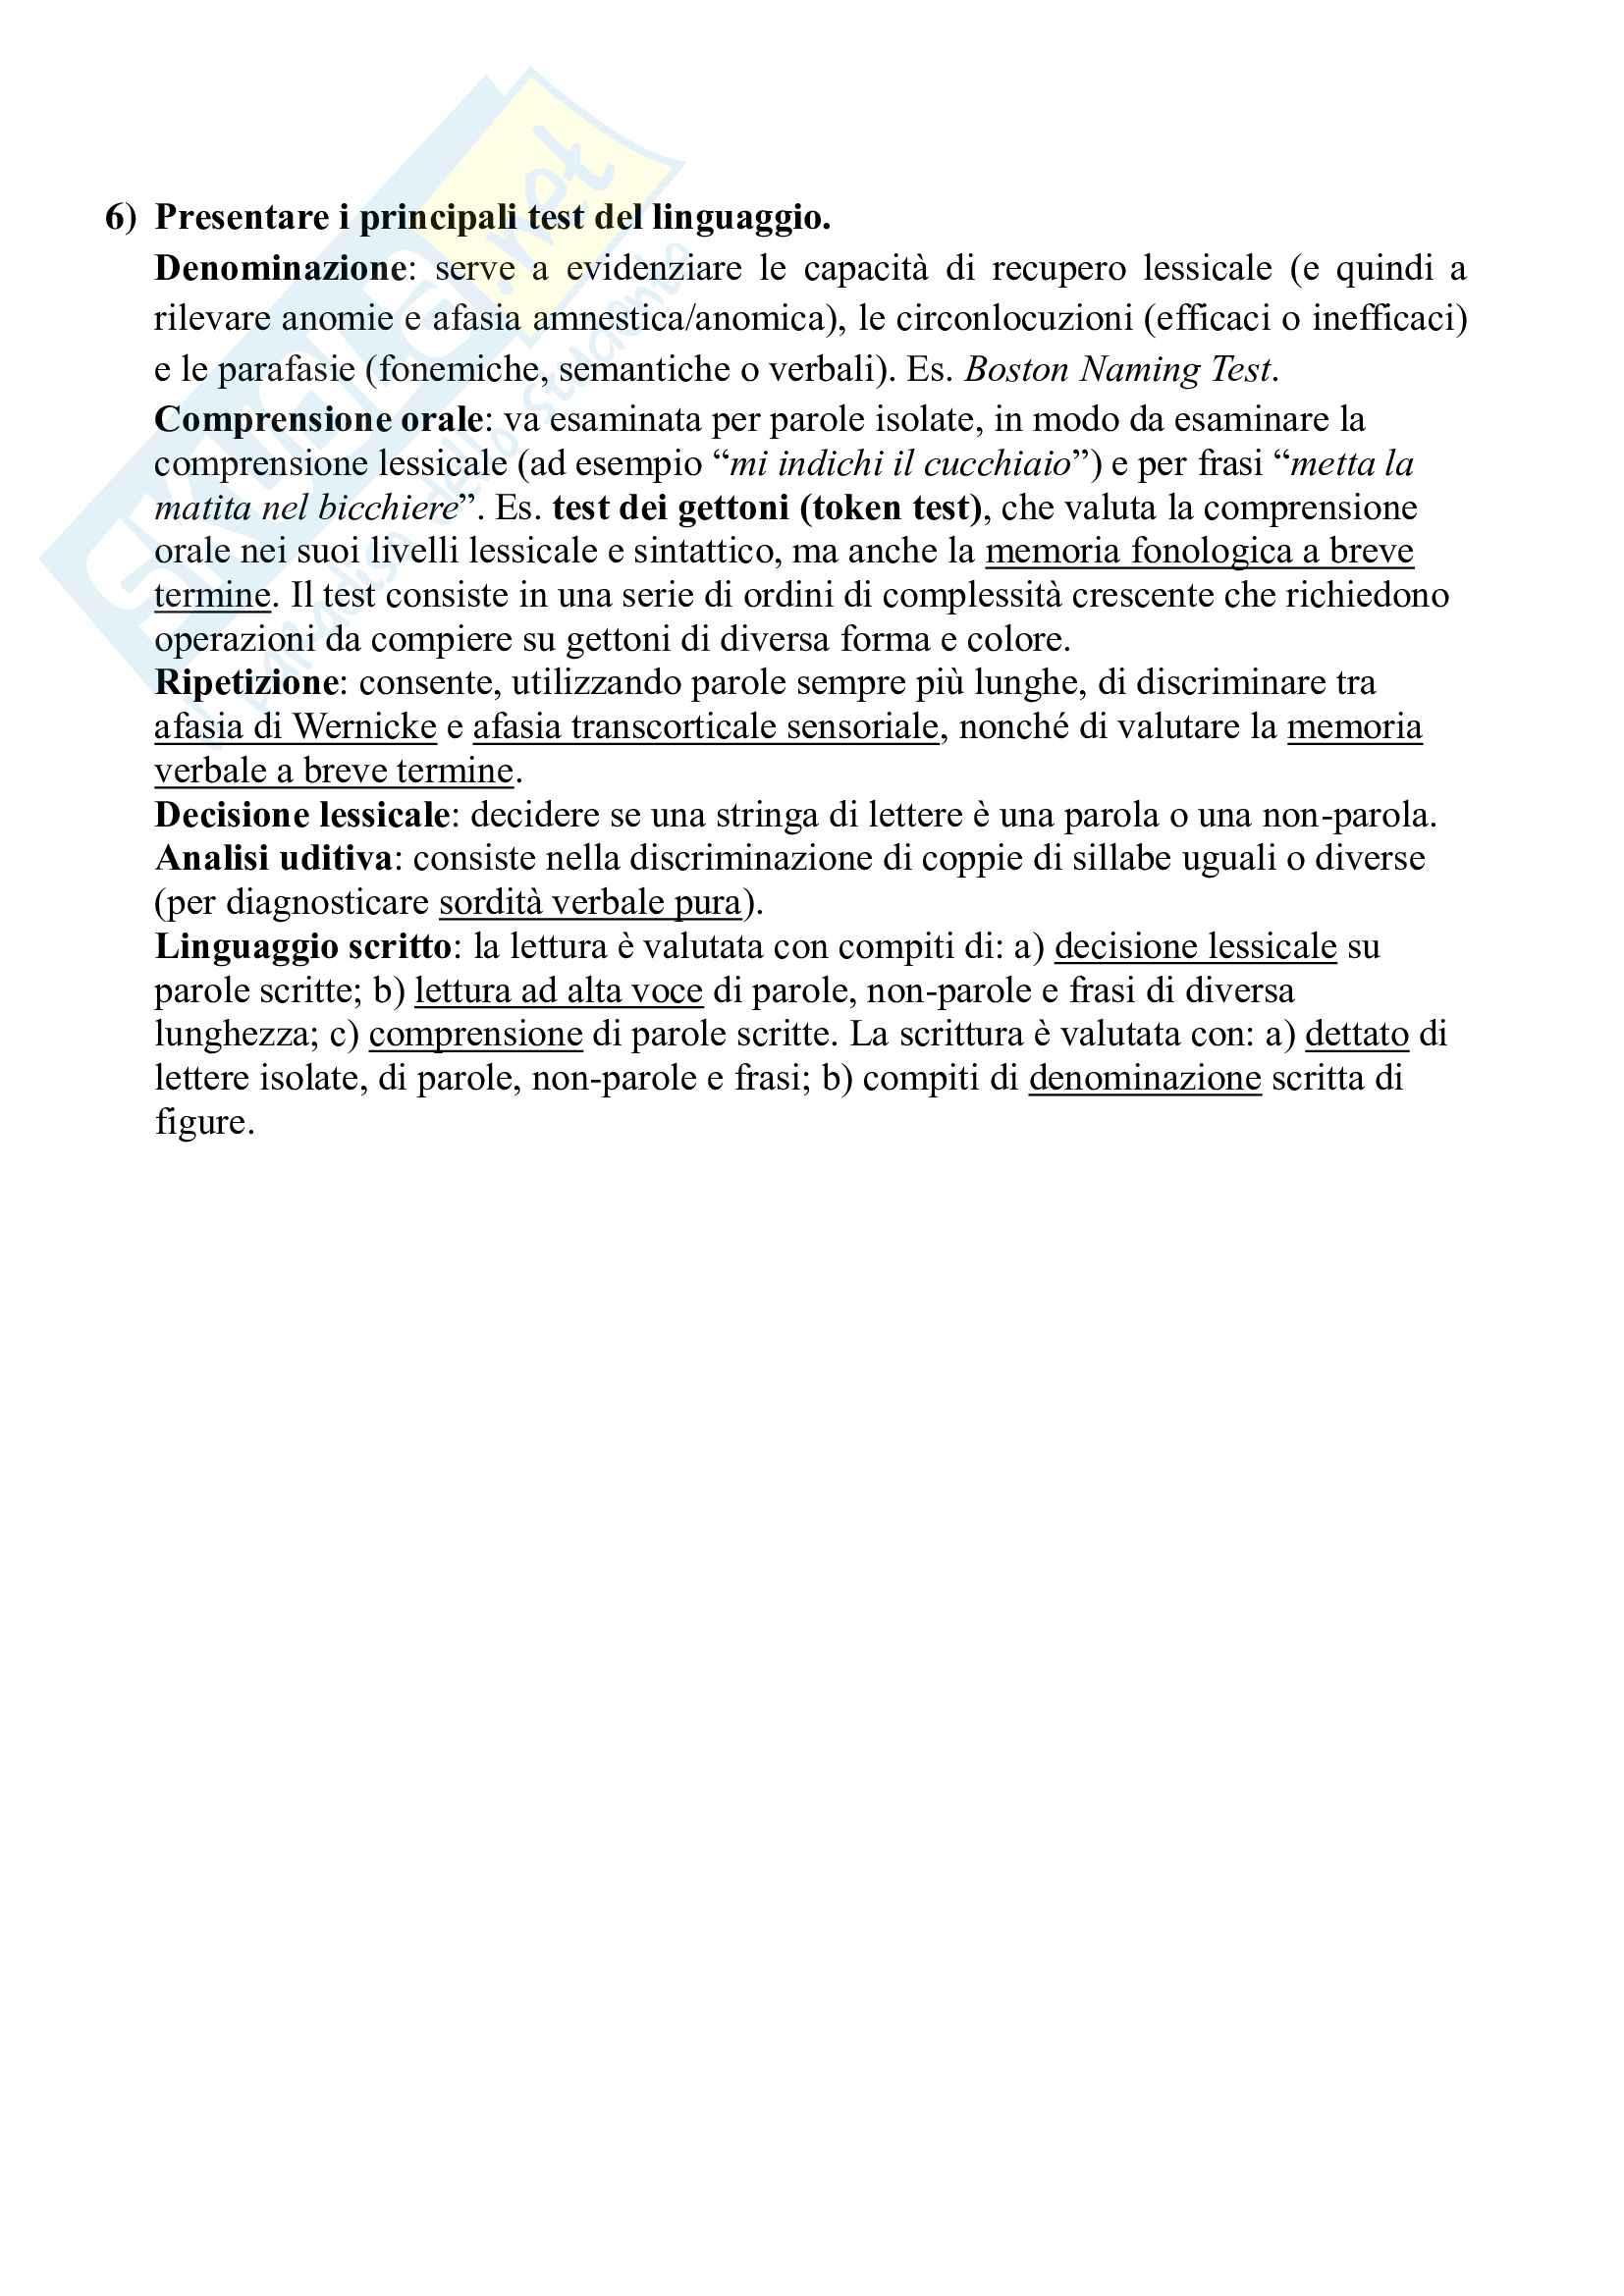 34 domande aperte (e 31 risposte) di Neuropsicologia dell'adulto e dell'anziano (Papagno, Vallar) Pag. 6